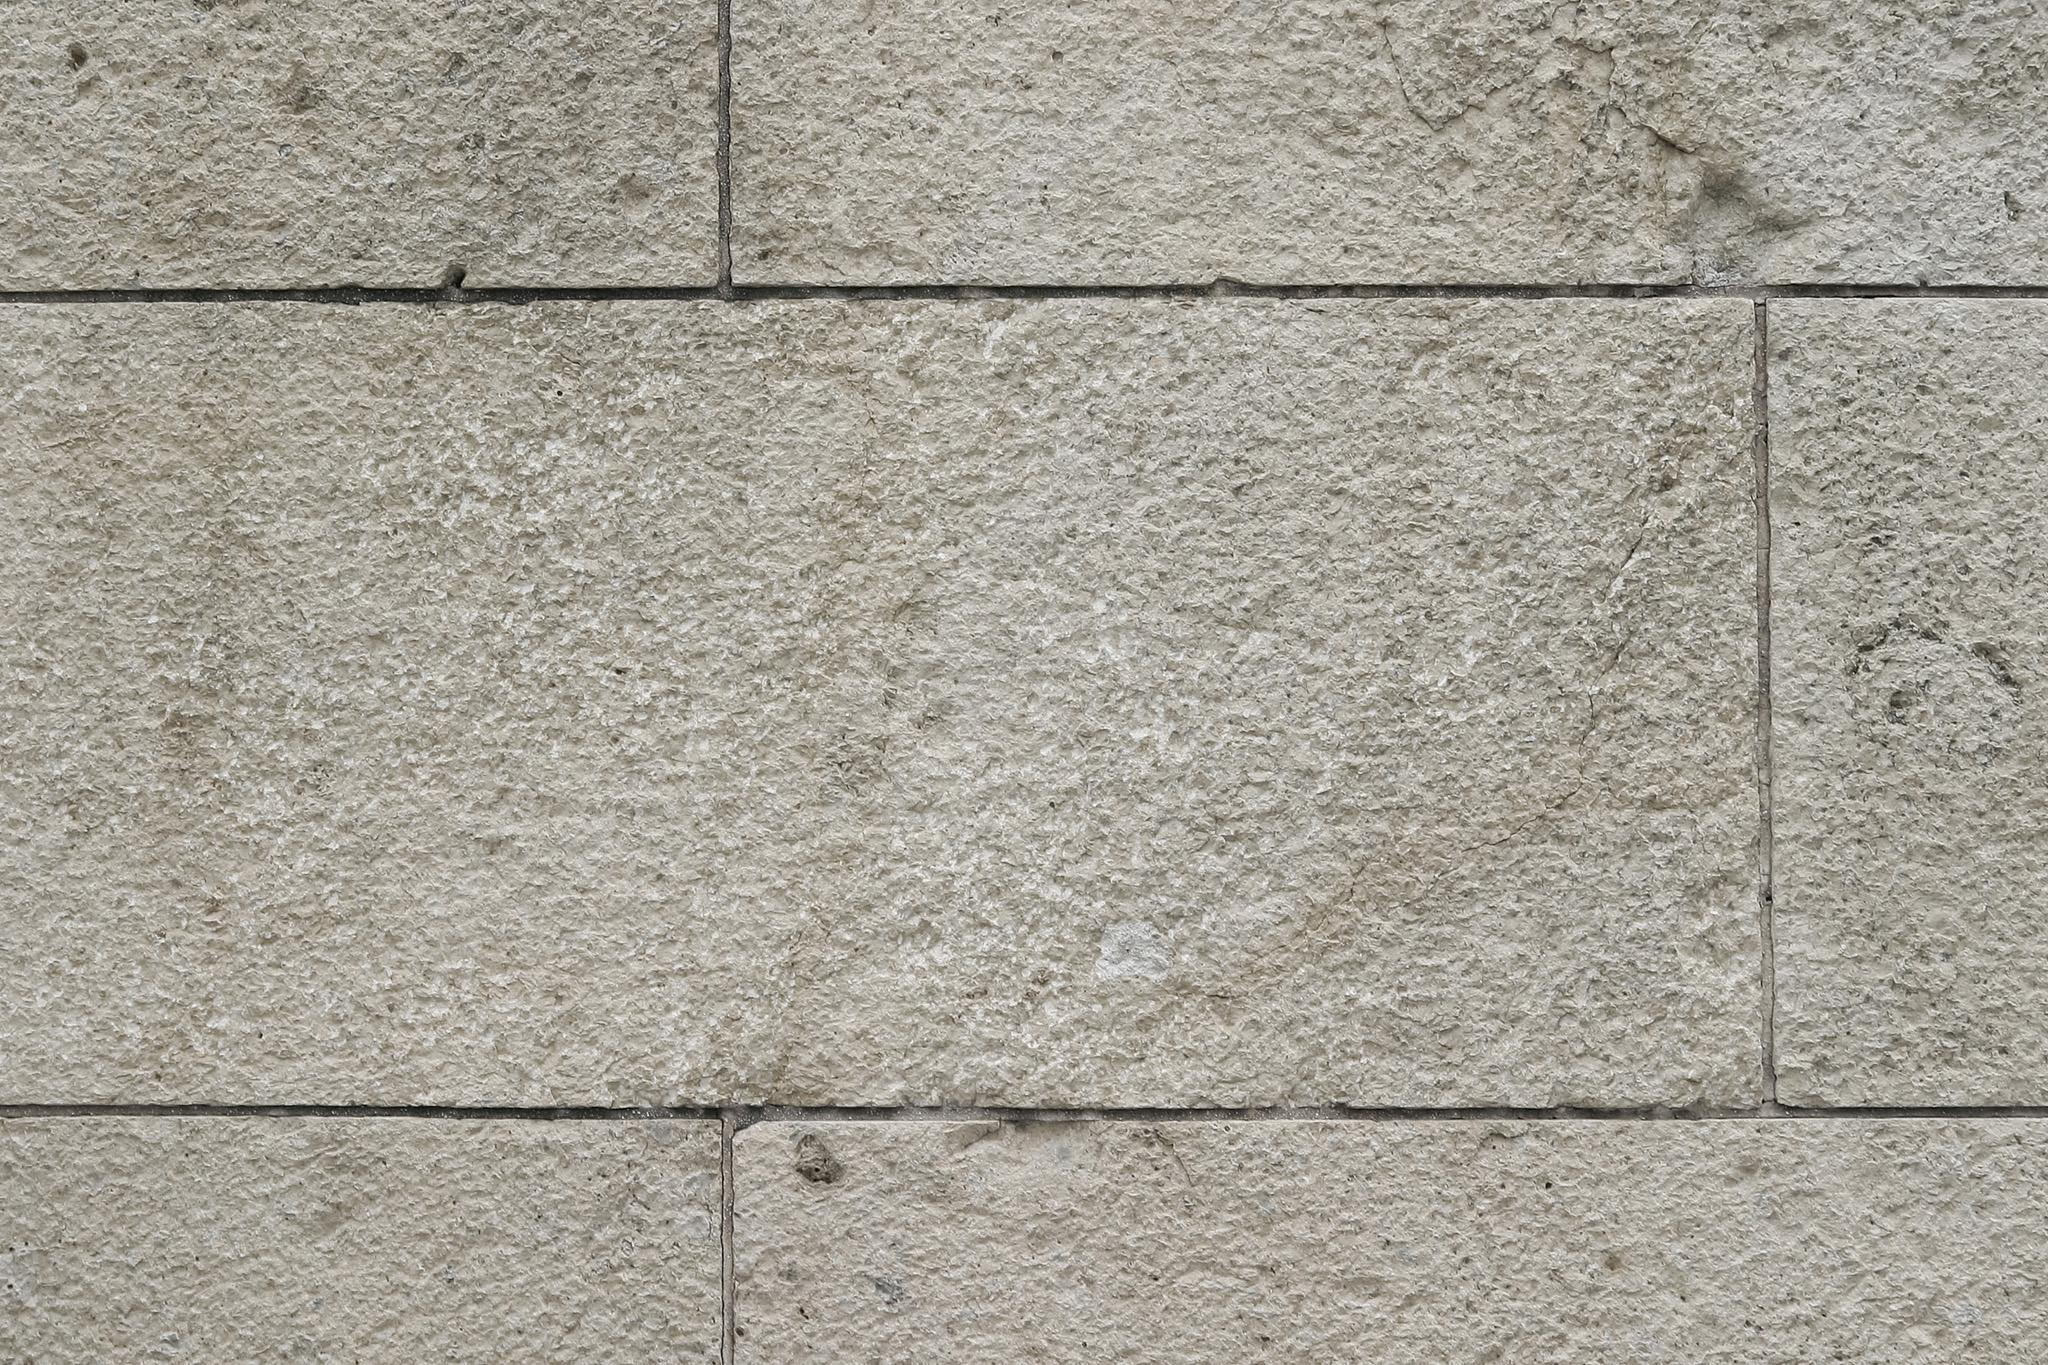 「細い溝の汚れた白い石壁」のテクスチャを無料ダウンロード